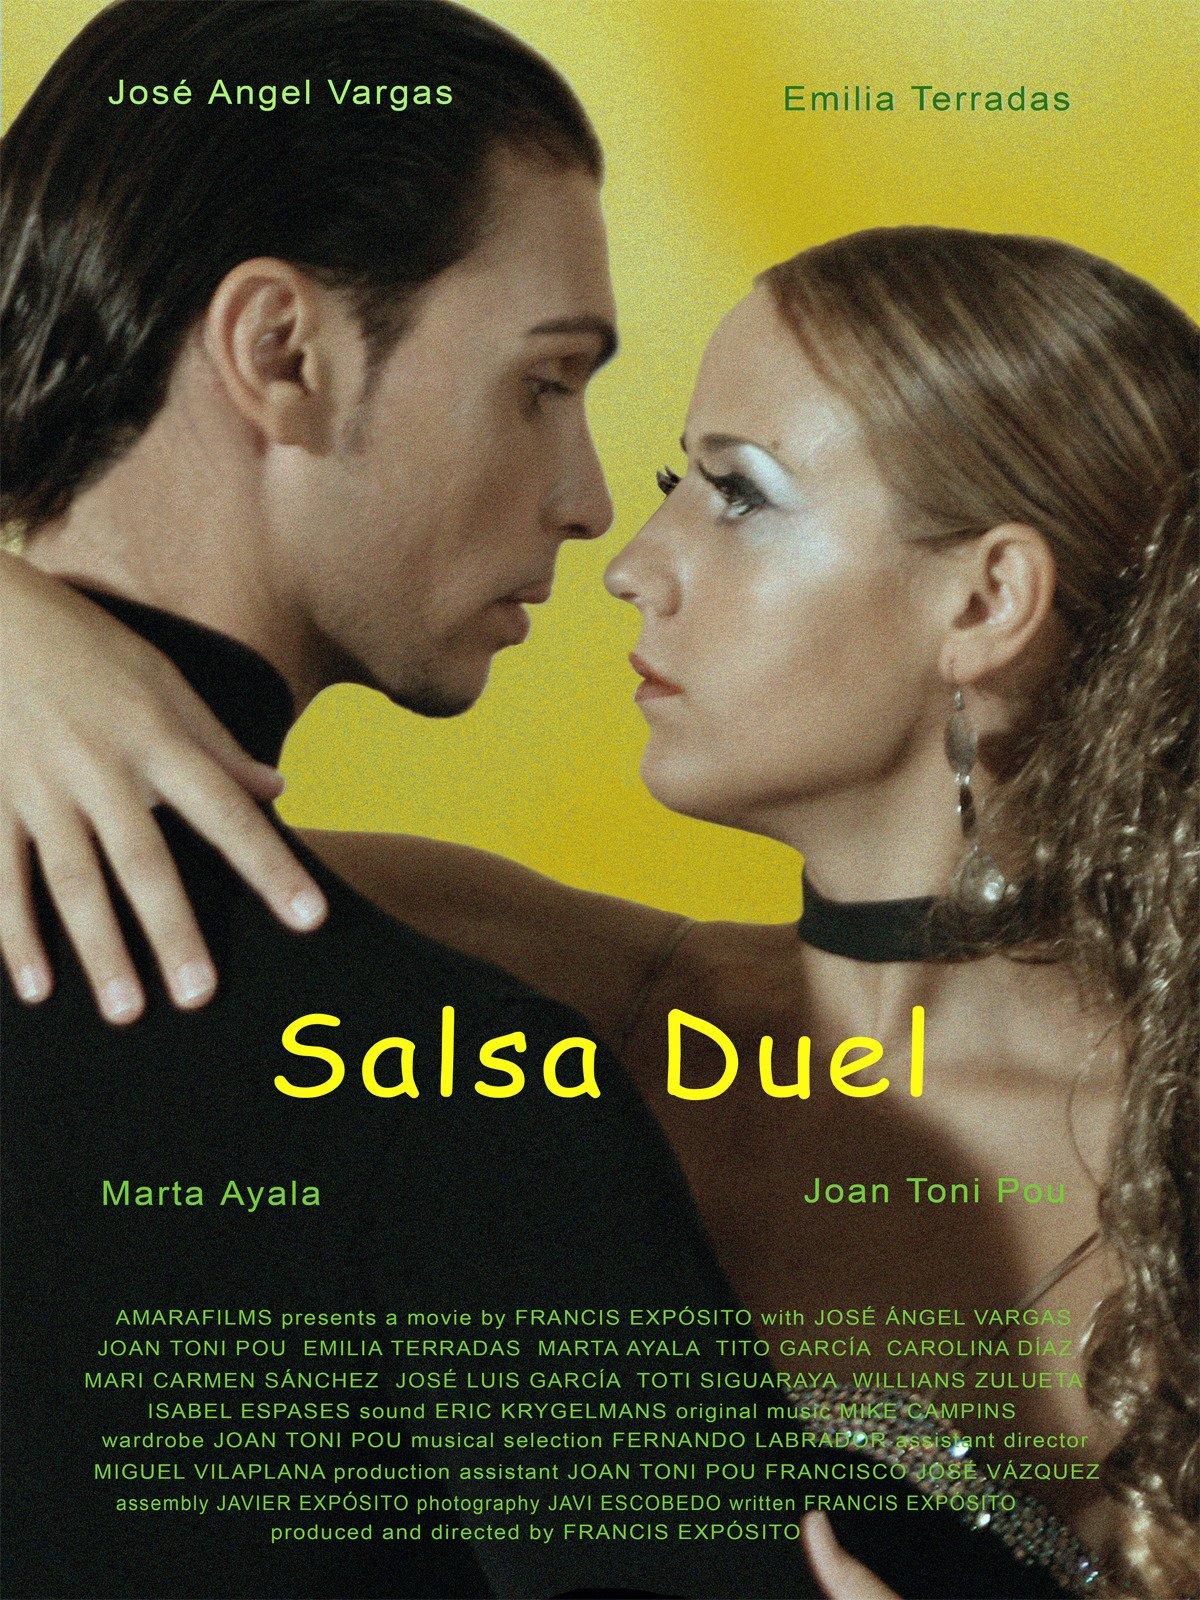 Salsa Duel